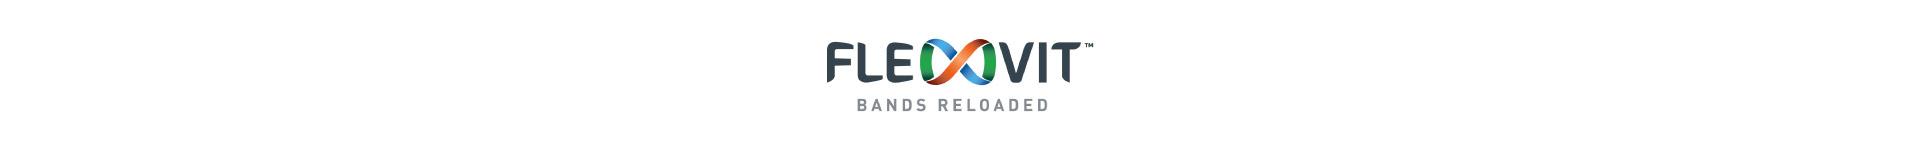 FLEXVIT bands reloaded